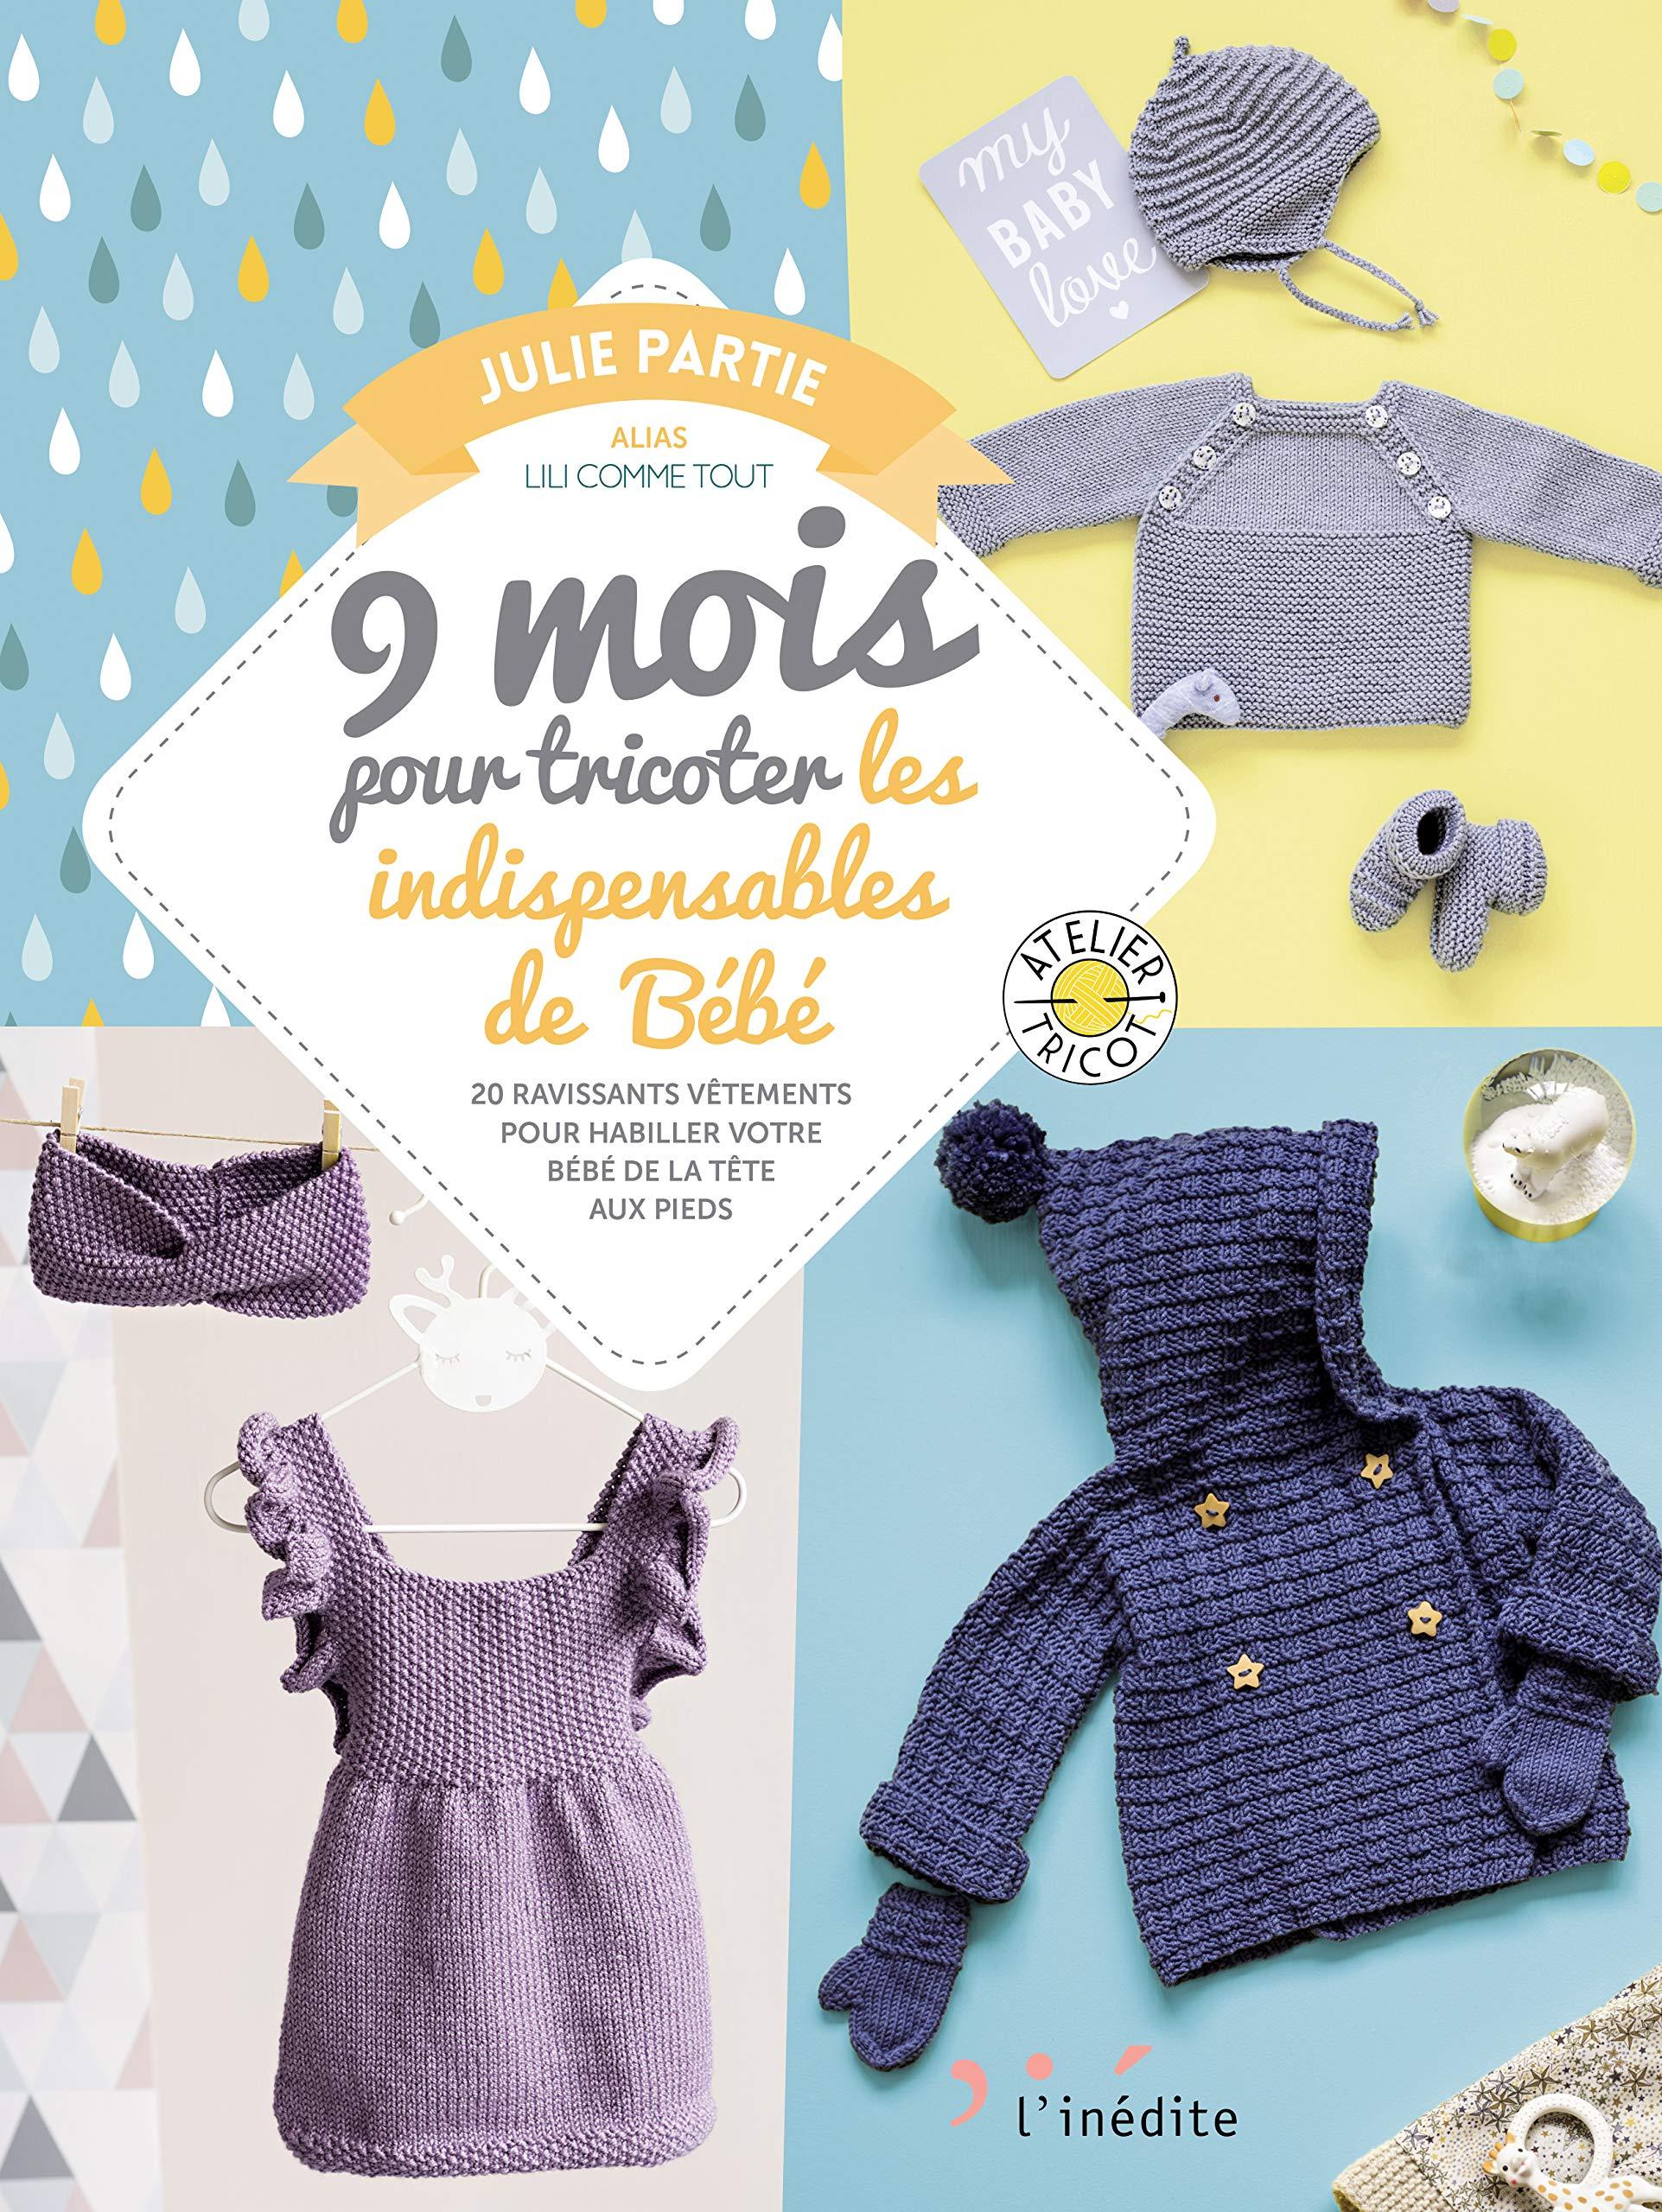 9 mois pour tricoter... - Lili Comme Tout % 400354d720e